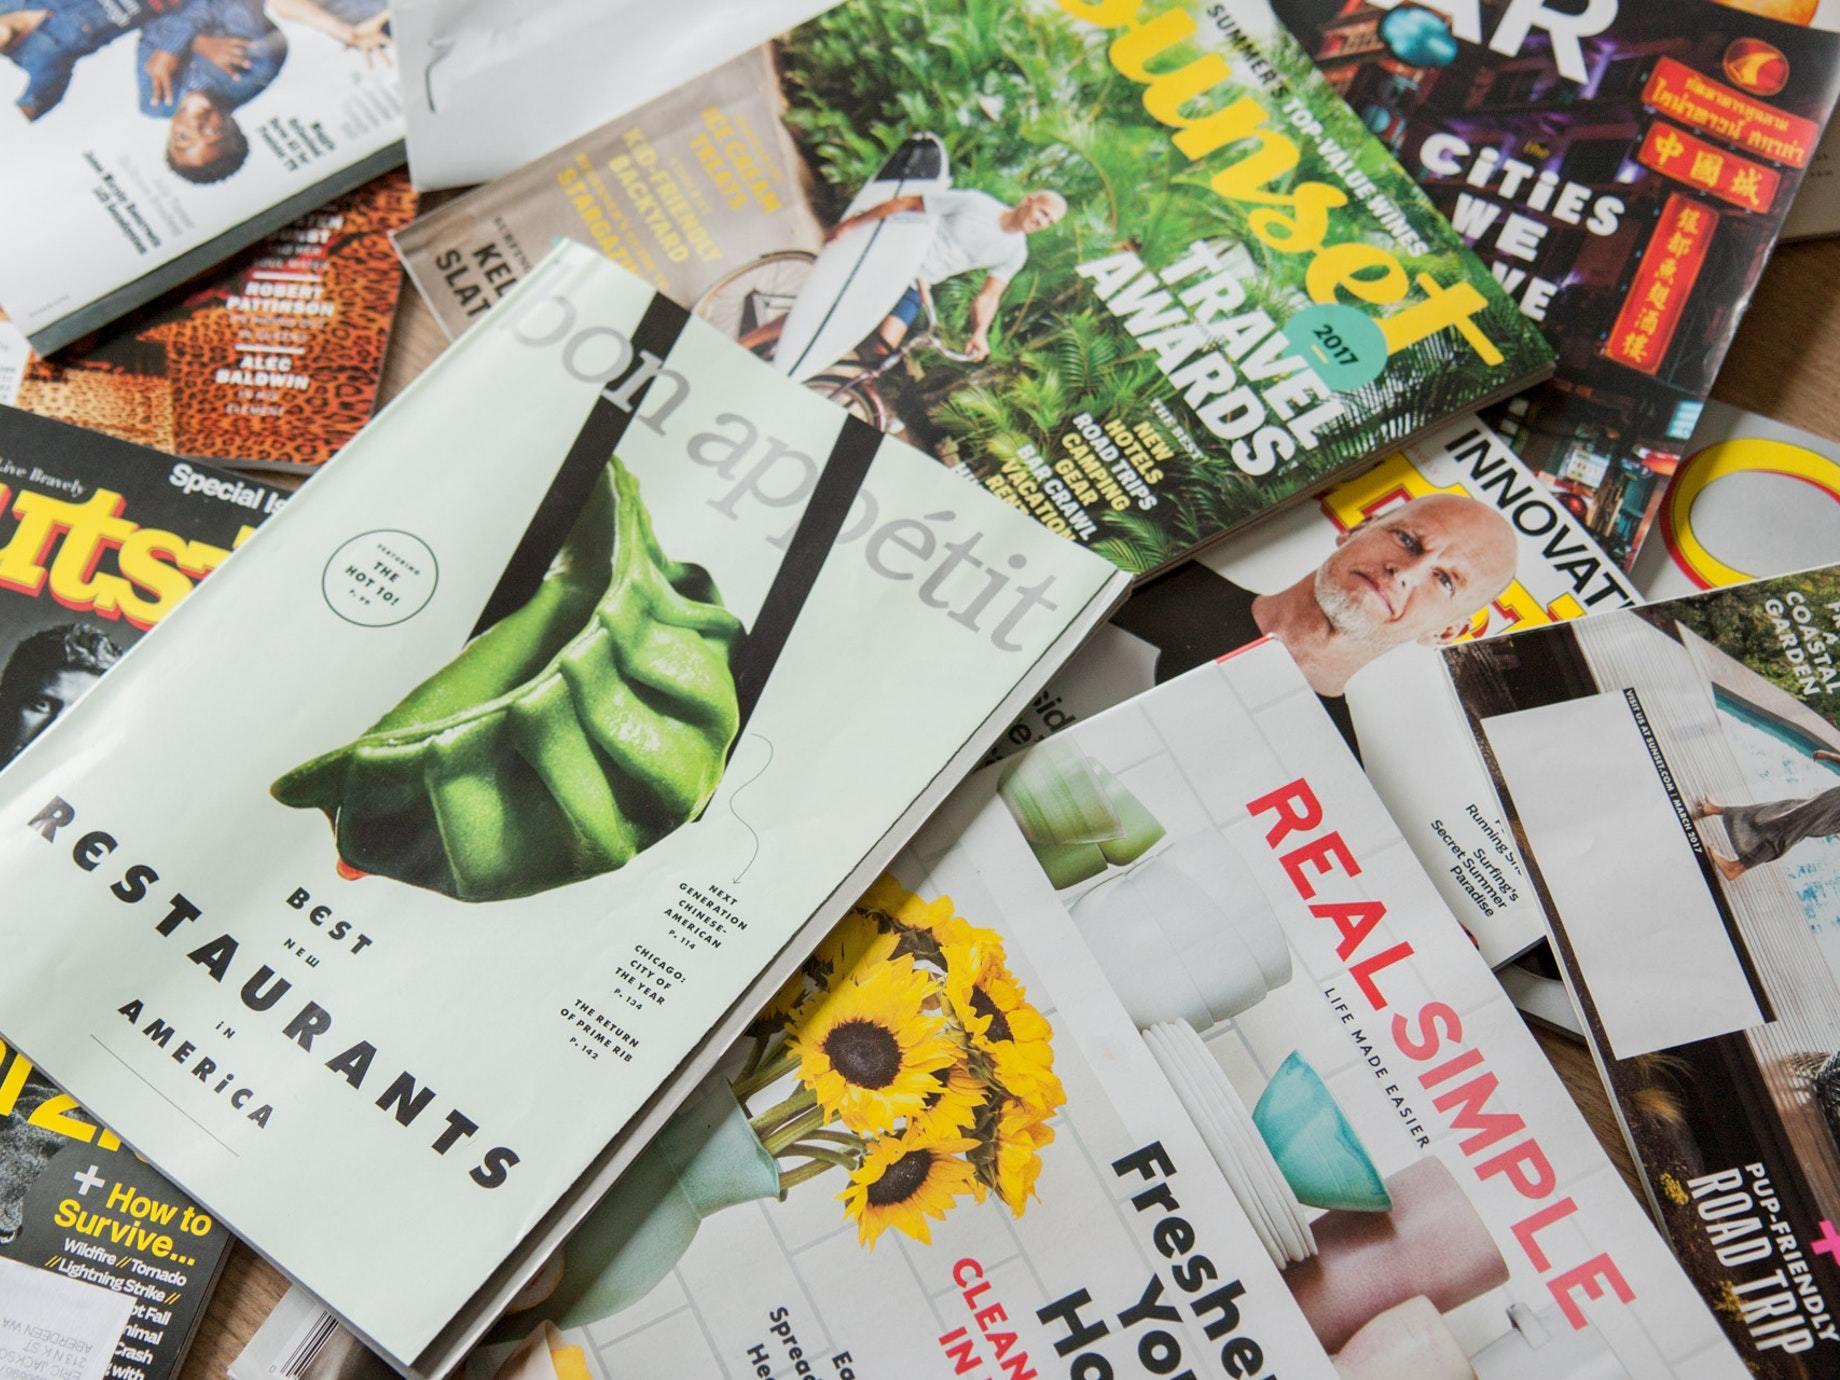 亞馬遜的老派創意:紙本目錄搶攻家庭商機